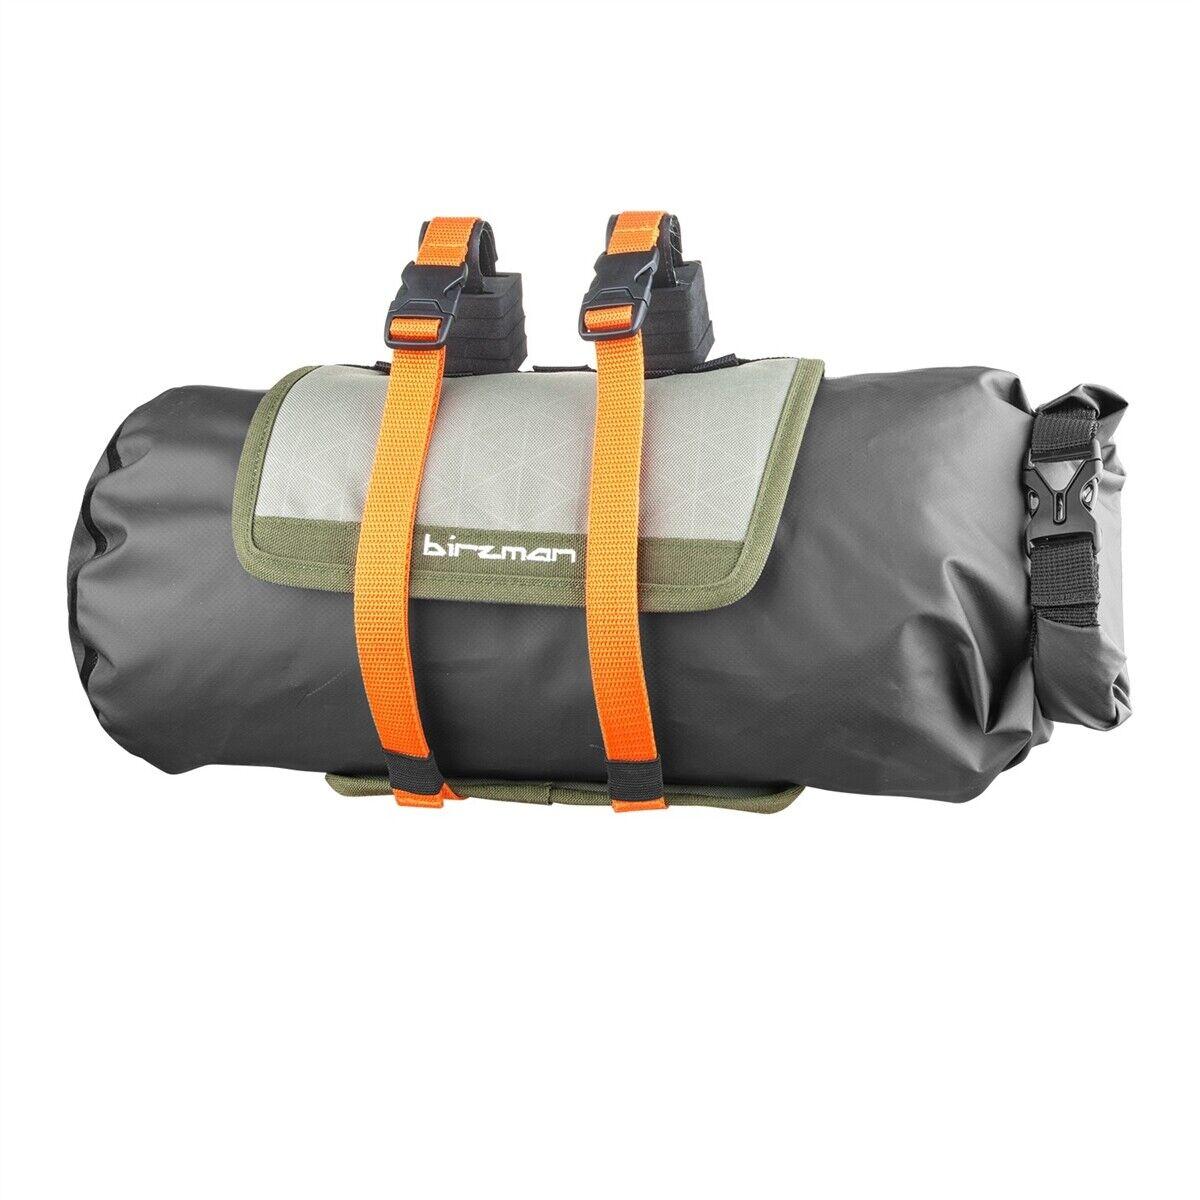 Packuomo helebar pack borsa 9,5lt verde Birzuomo travel